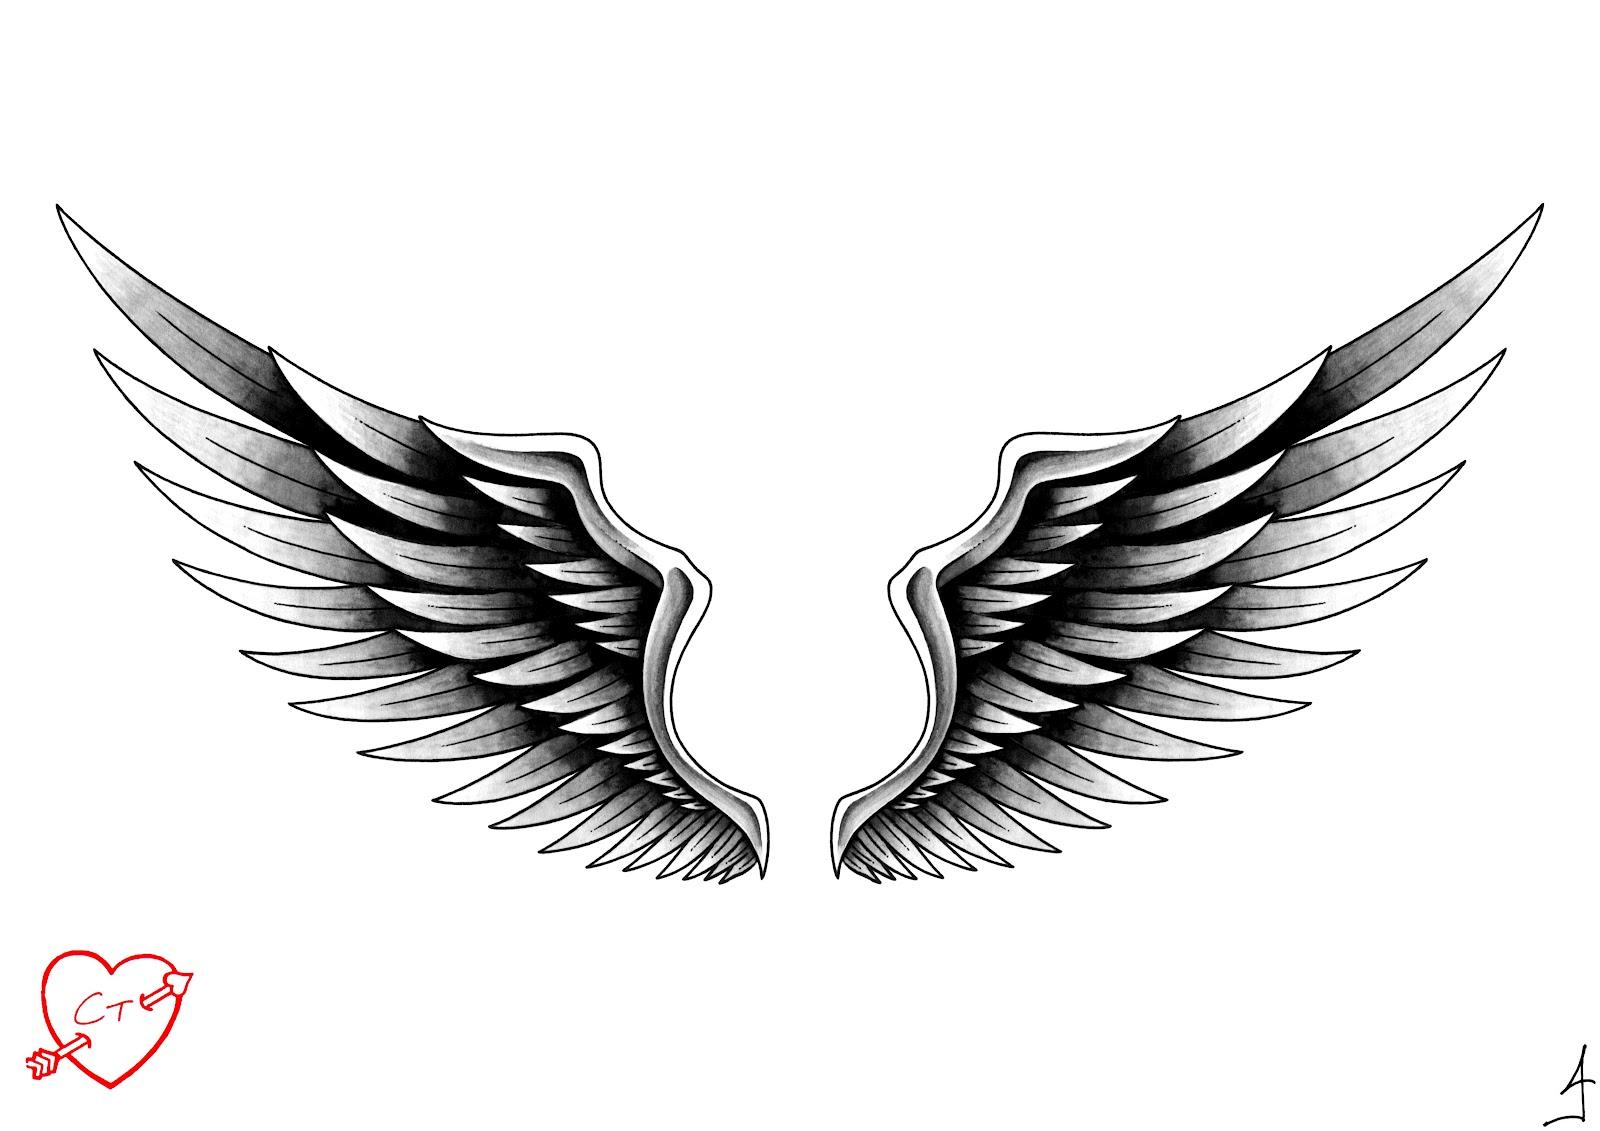 Crisis Tattoo: May 2012